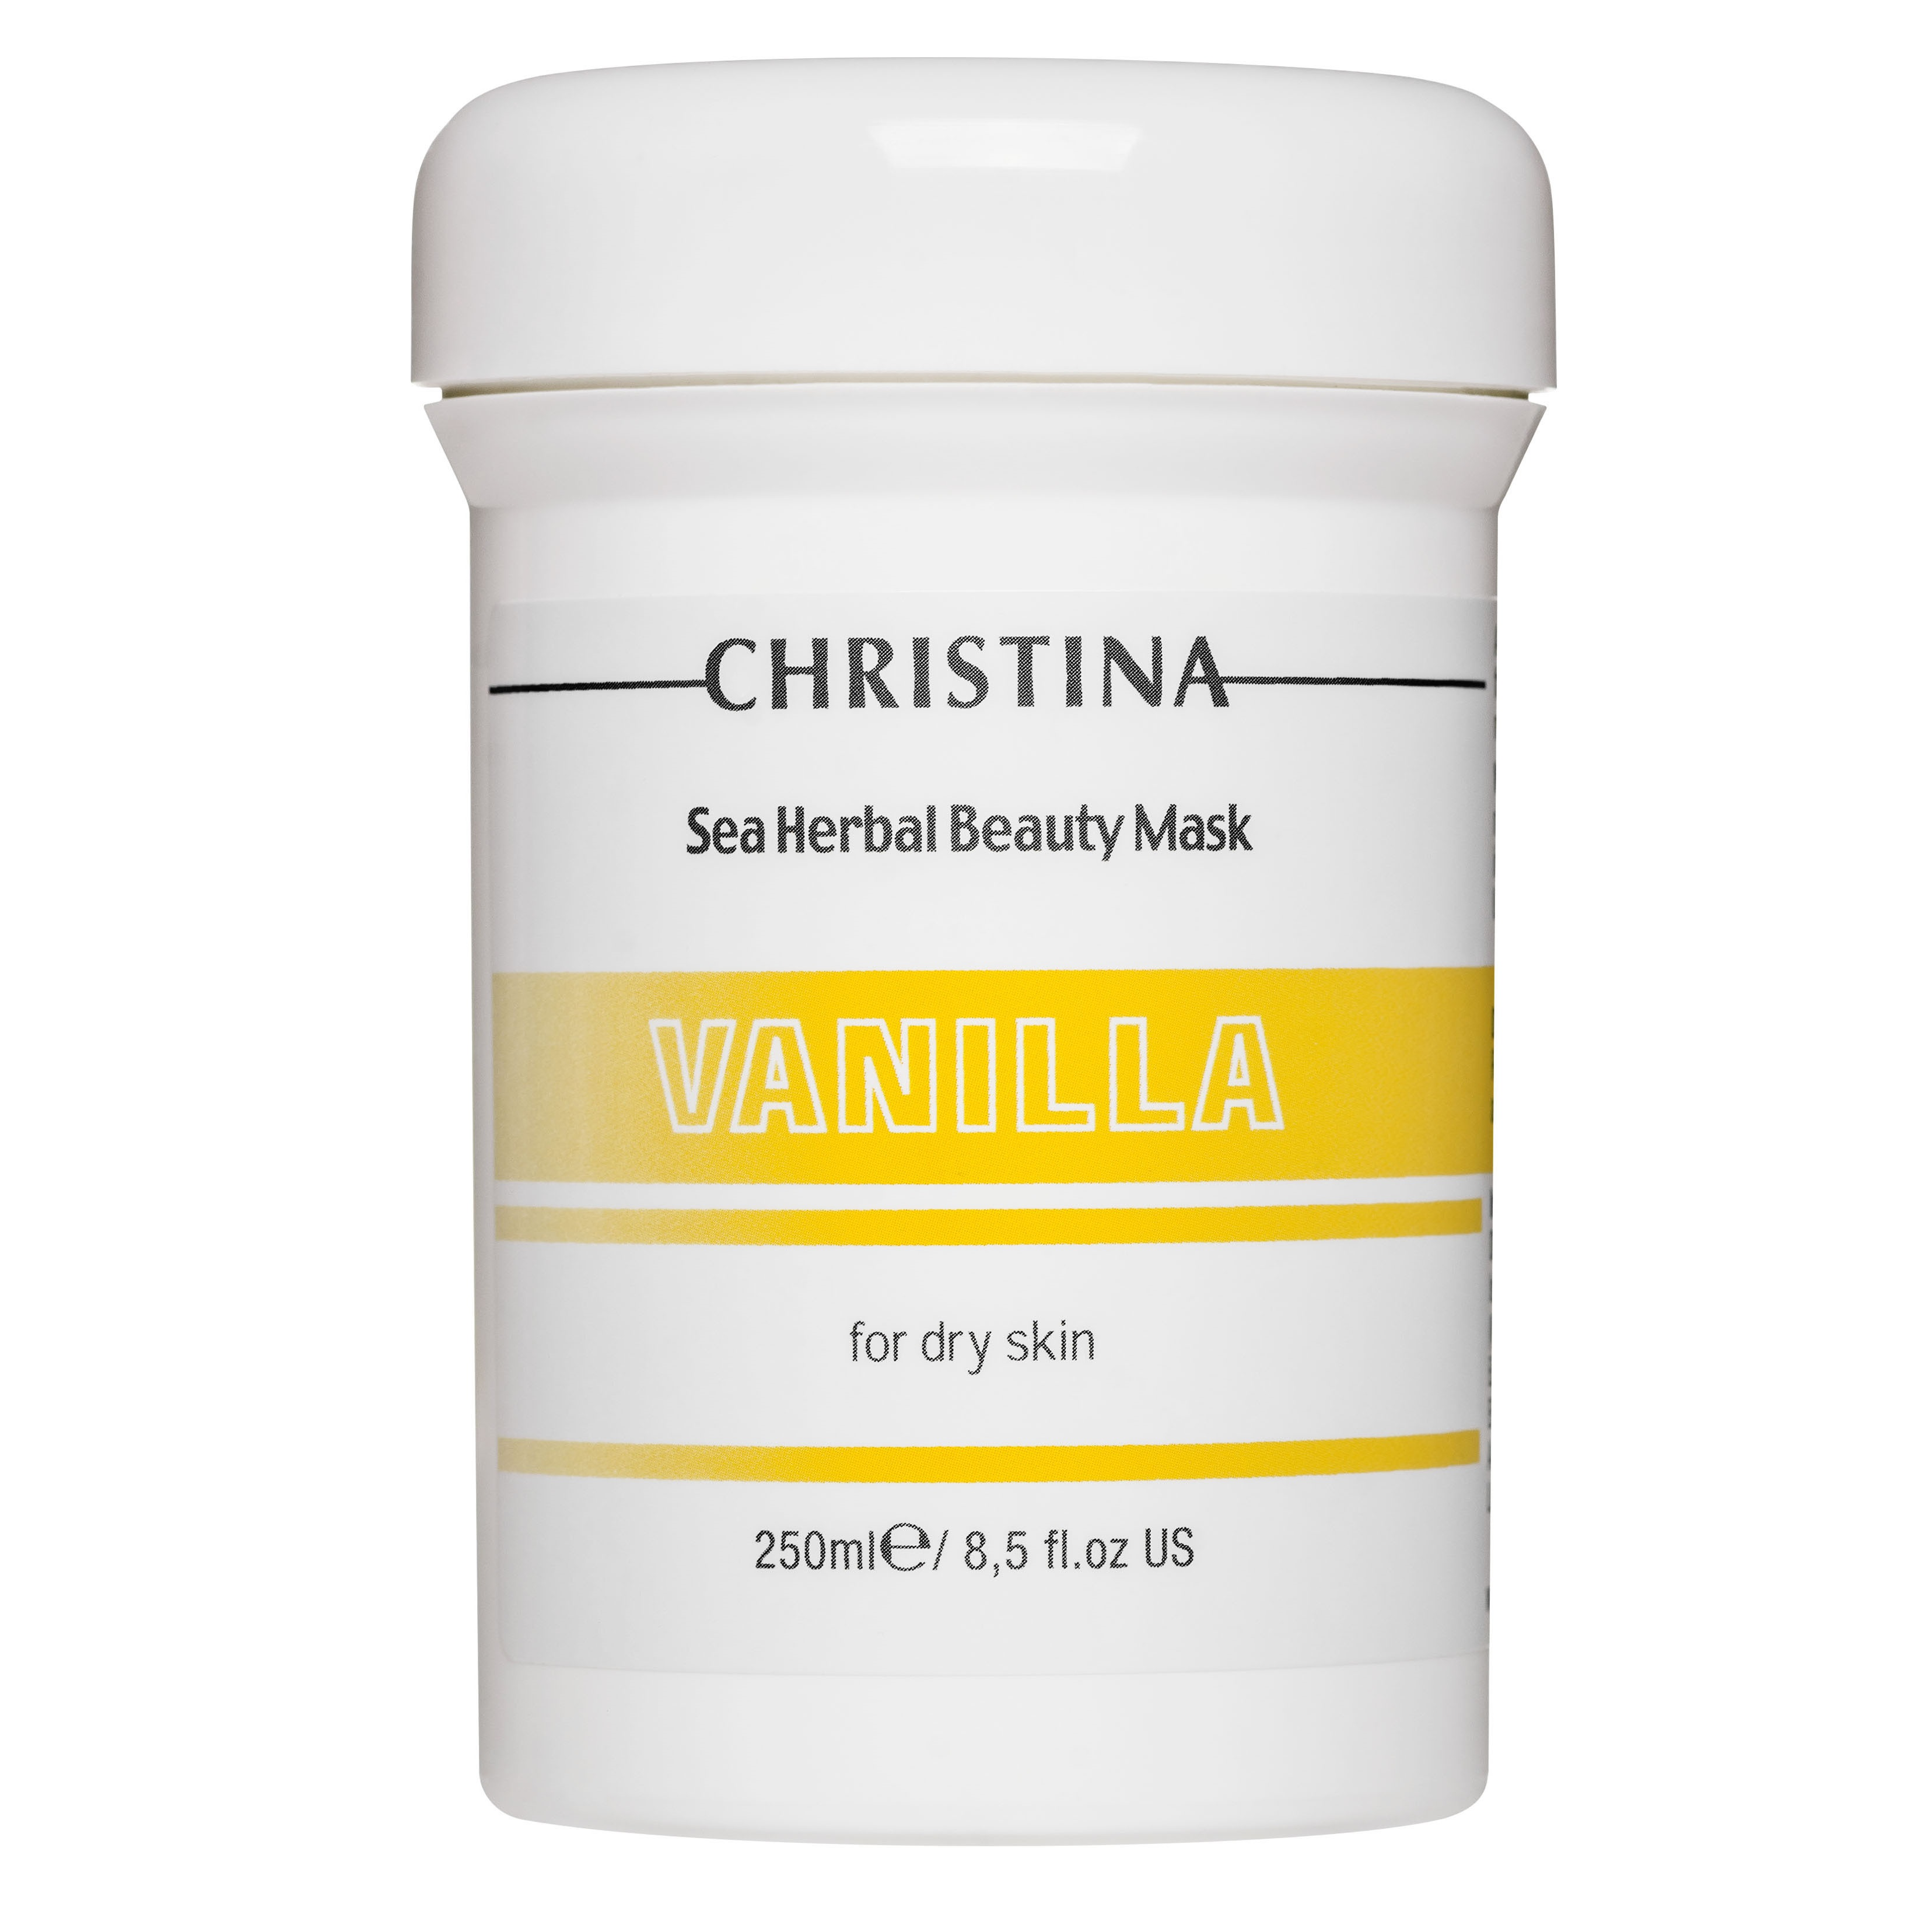 Купить Маски для лица Christina, Ванильная маска Christina Sea Herbal Beauty Mask Vanilla для сухой кожи 250 мл